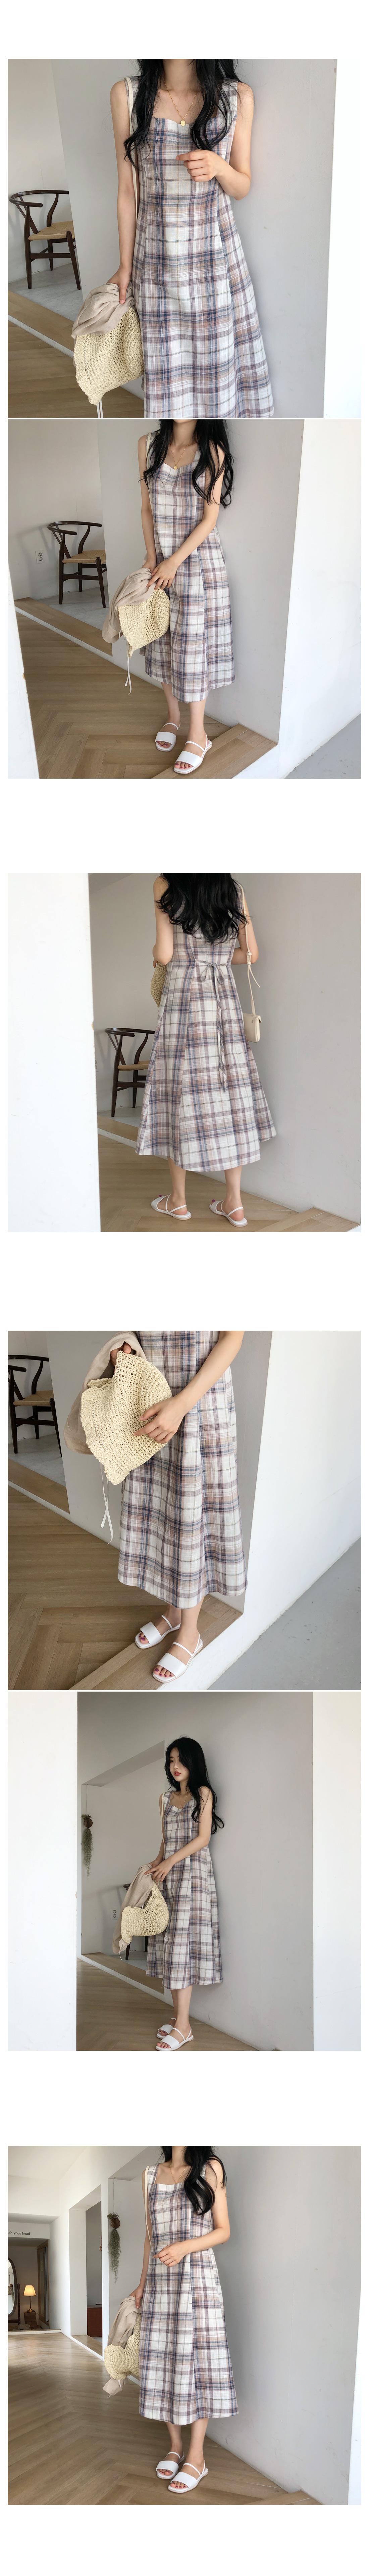 Have Bending Strap Sandals